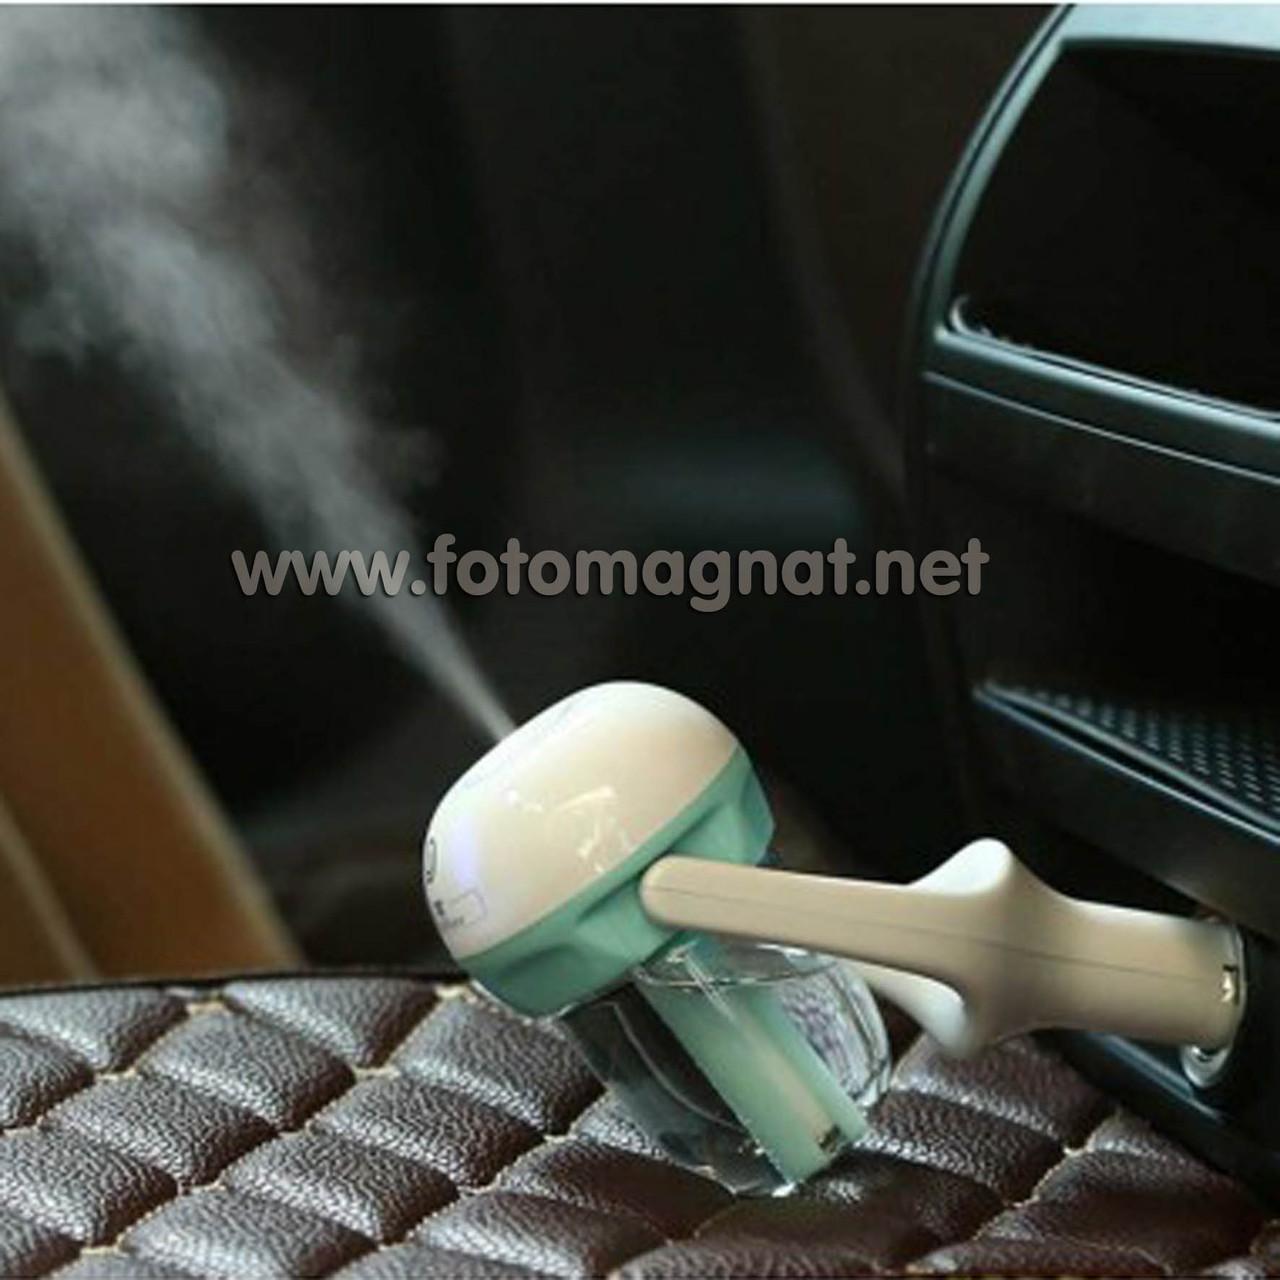 Автомобільний зволожувач - аромалампа COLARIX (іонізатор повітря для автомобіля)